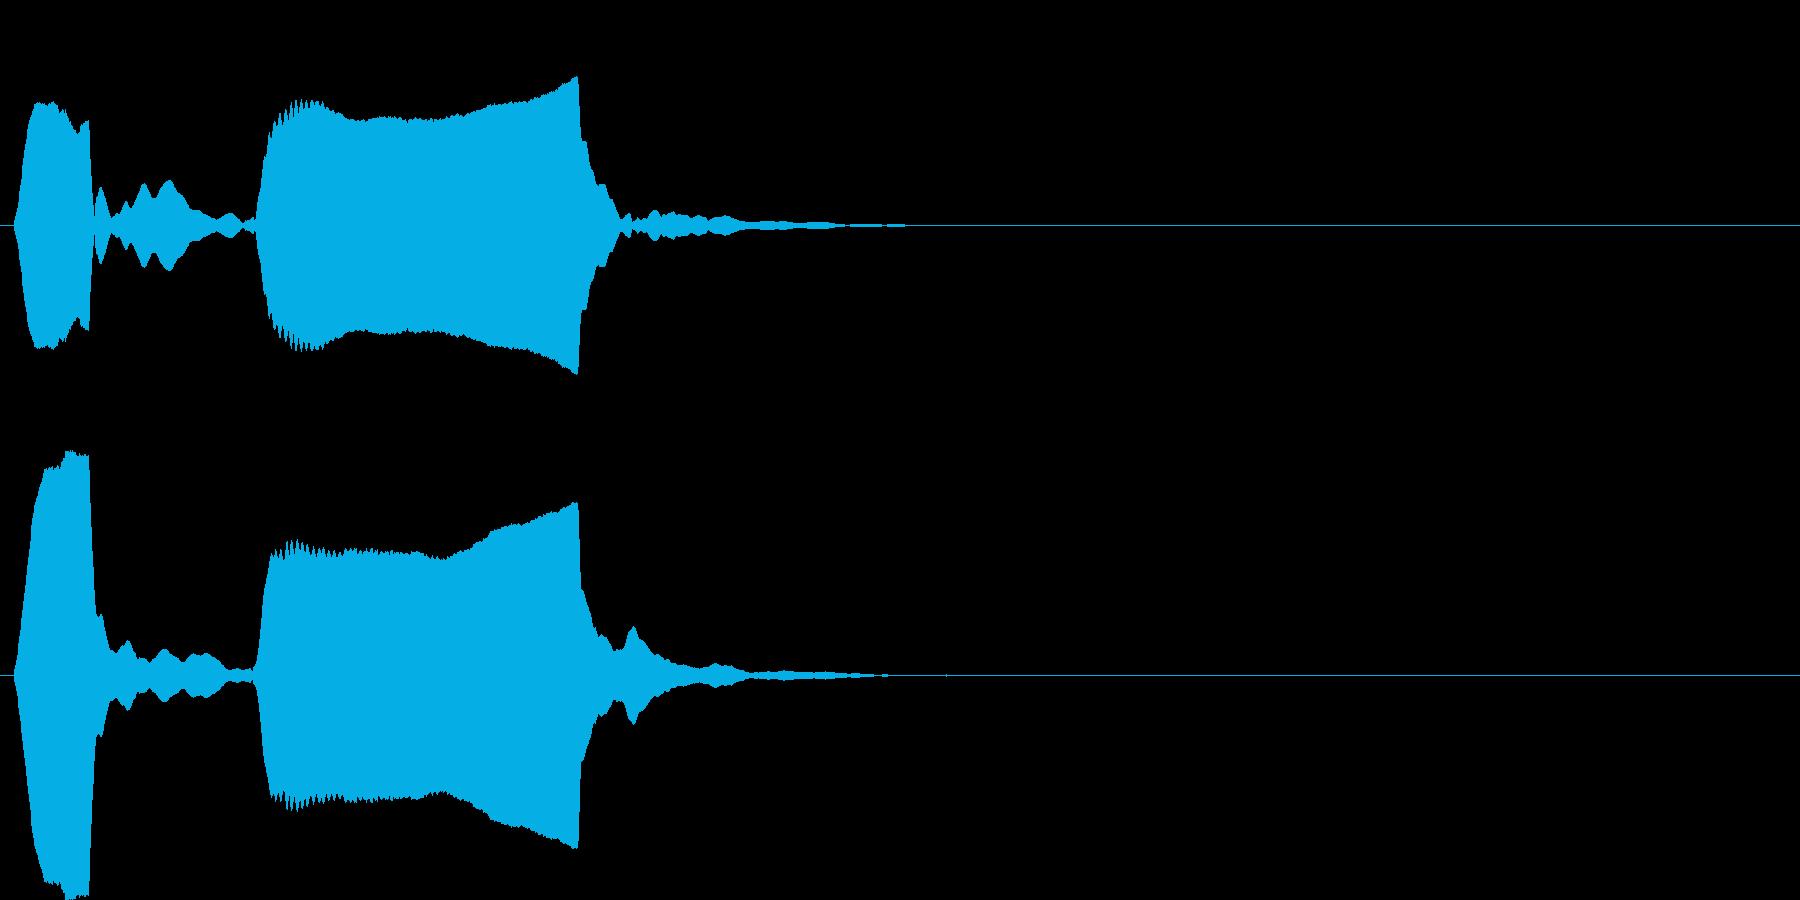 ピンポン系6 ポッポー(低)の再生済みの波形